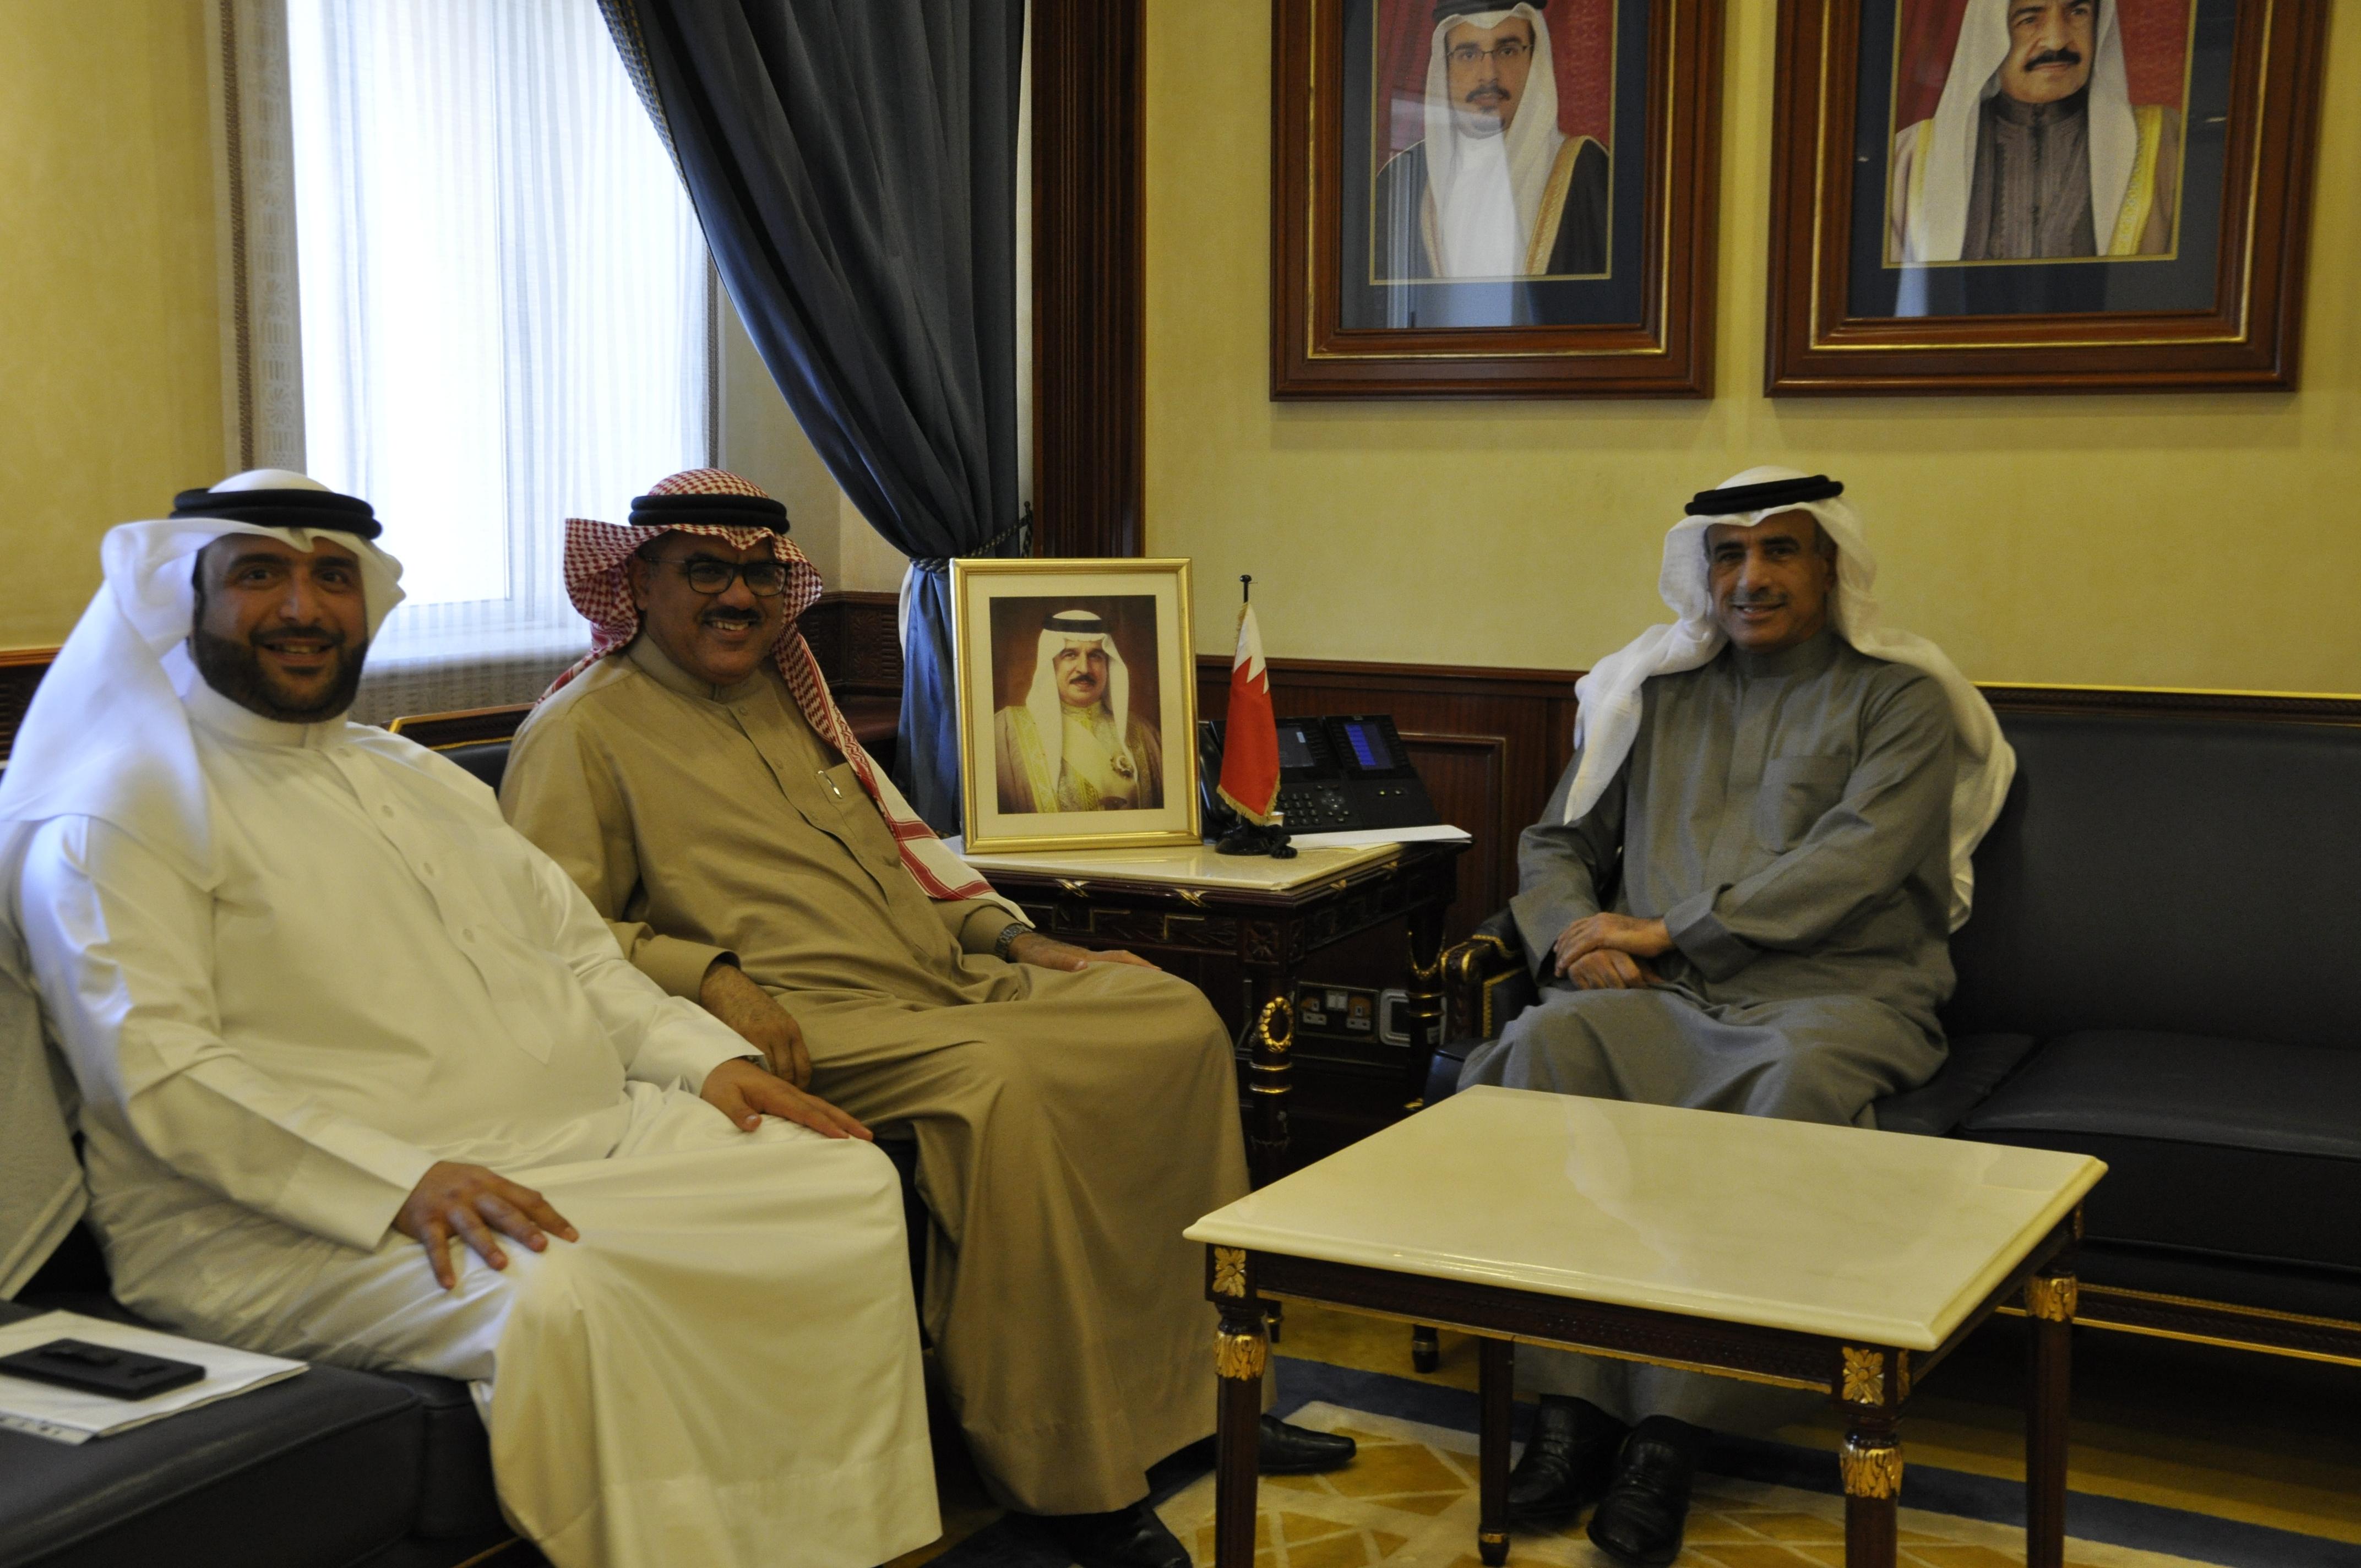 وزير الإسكان يستقبل النائبين عبدالله الذوادي وباسم المالكي